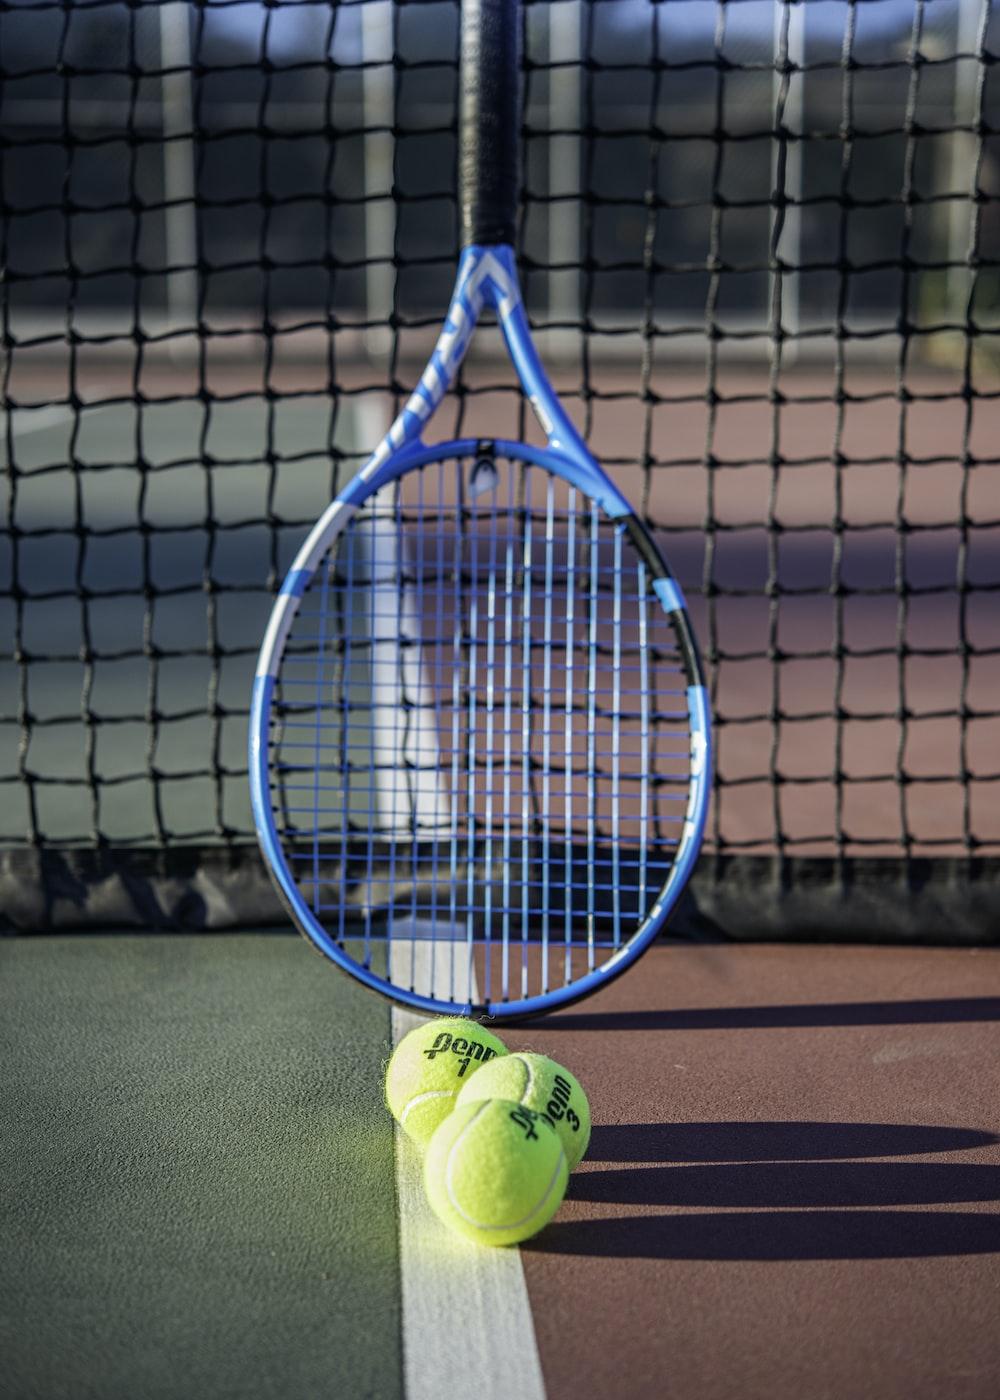 green tennis ball on tennis court